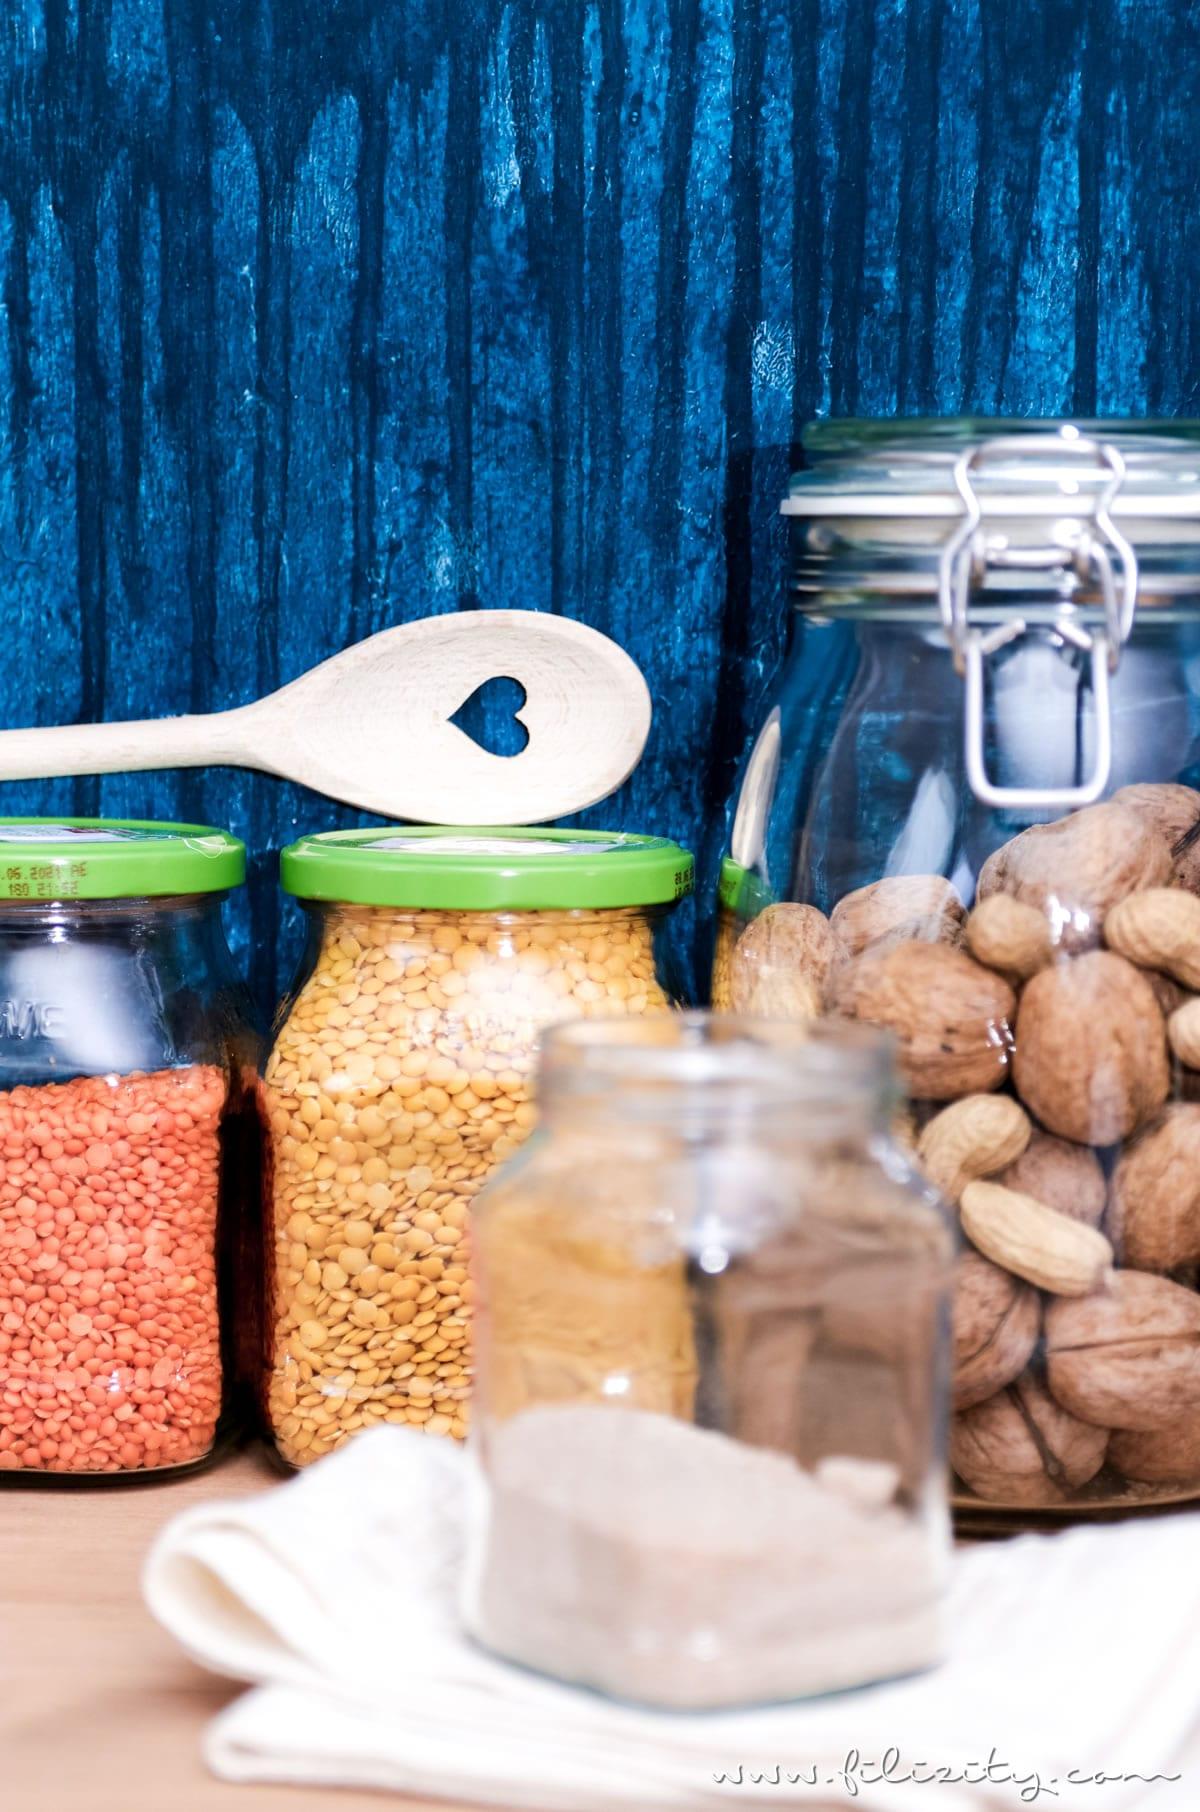 Nachhaltigkeit in der Küche - 15 umweltschonende Ideen für eine einfache Umstellung ohne Überforderung | Filizity.com | Lifestyle Blog aus dem Rheinland #nachhaltigkeit #öko